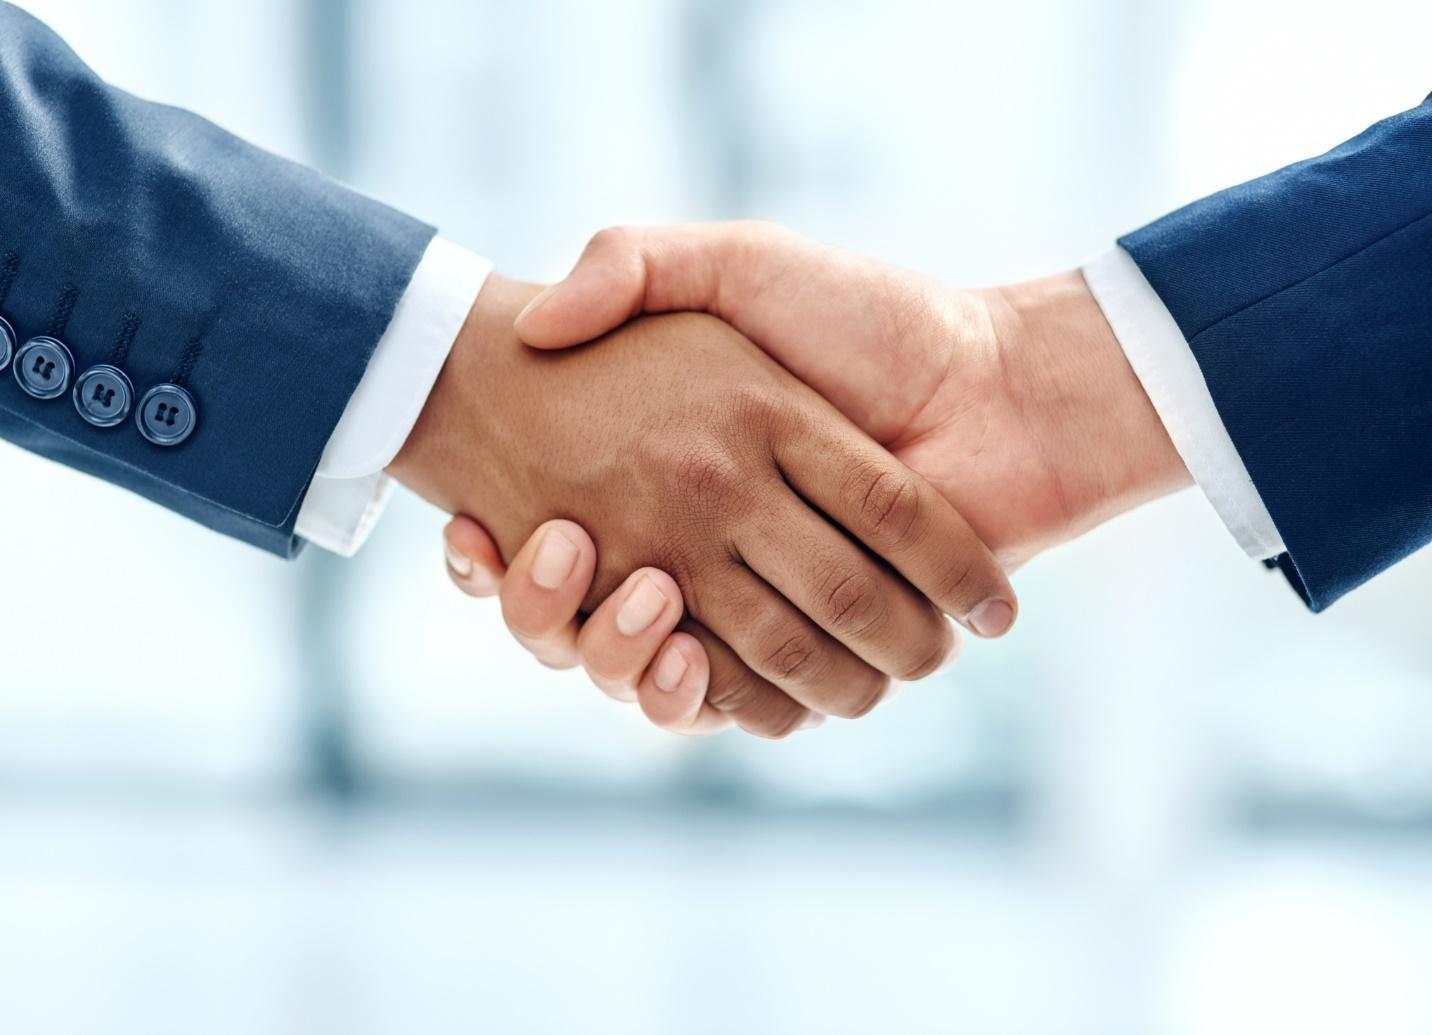 customer-handshake-iStock-621349346